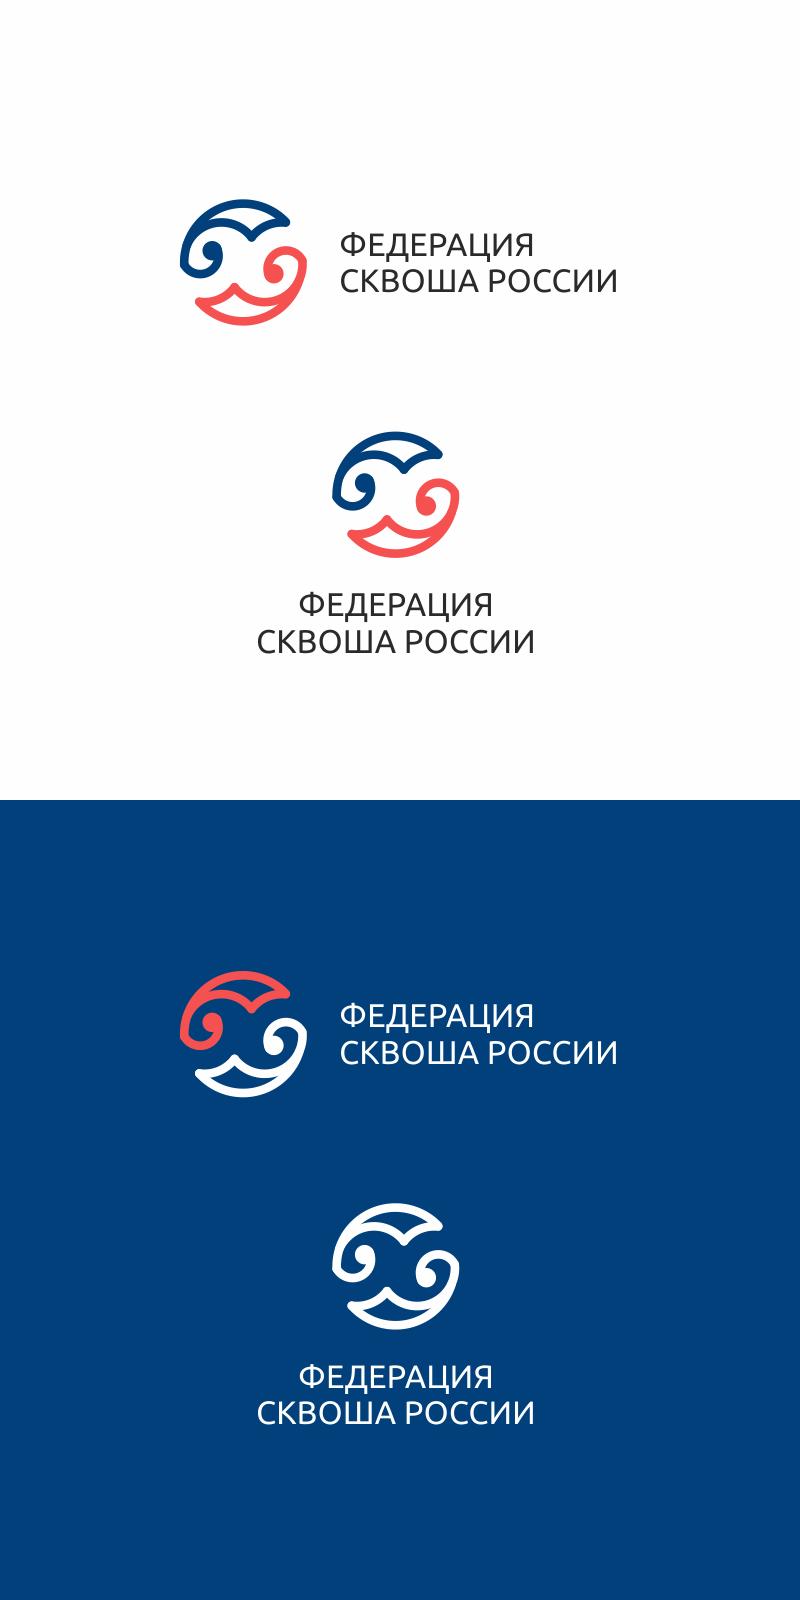 Разработать логотип для Федерации сквоша России фото f_0665f396fdc12e10.png